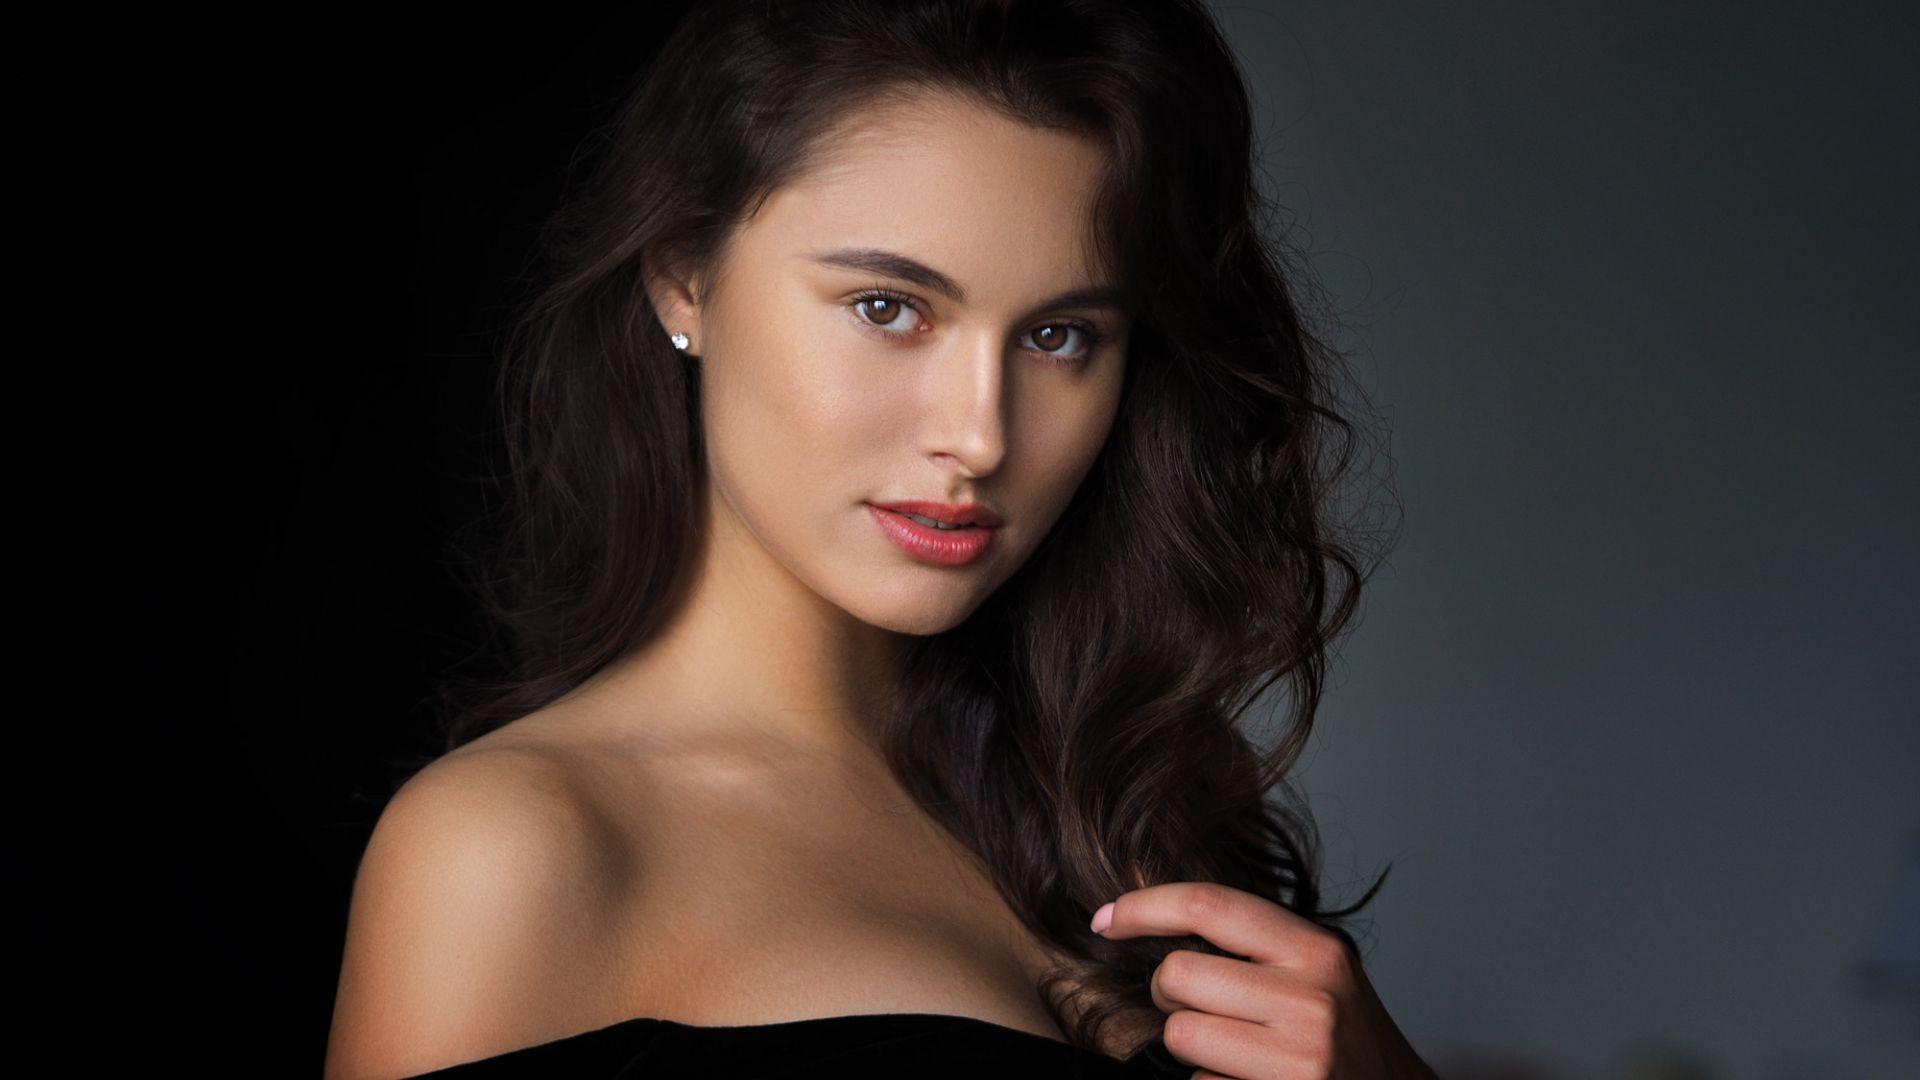 Wallpaper Beautiful woman, smile, brunette, juicy lips